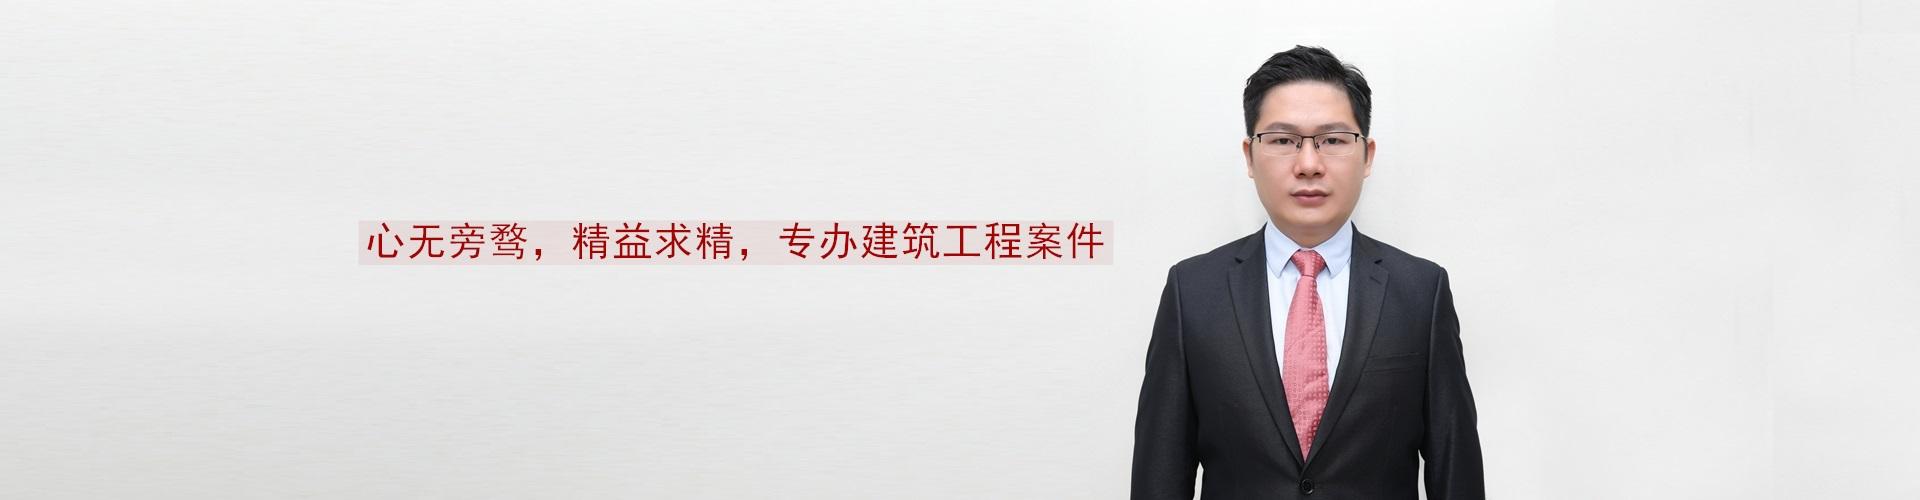 黄名胜律师咨询电话:6